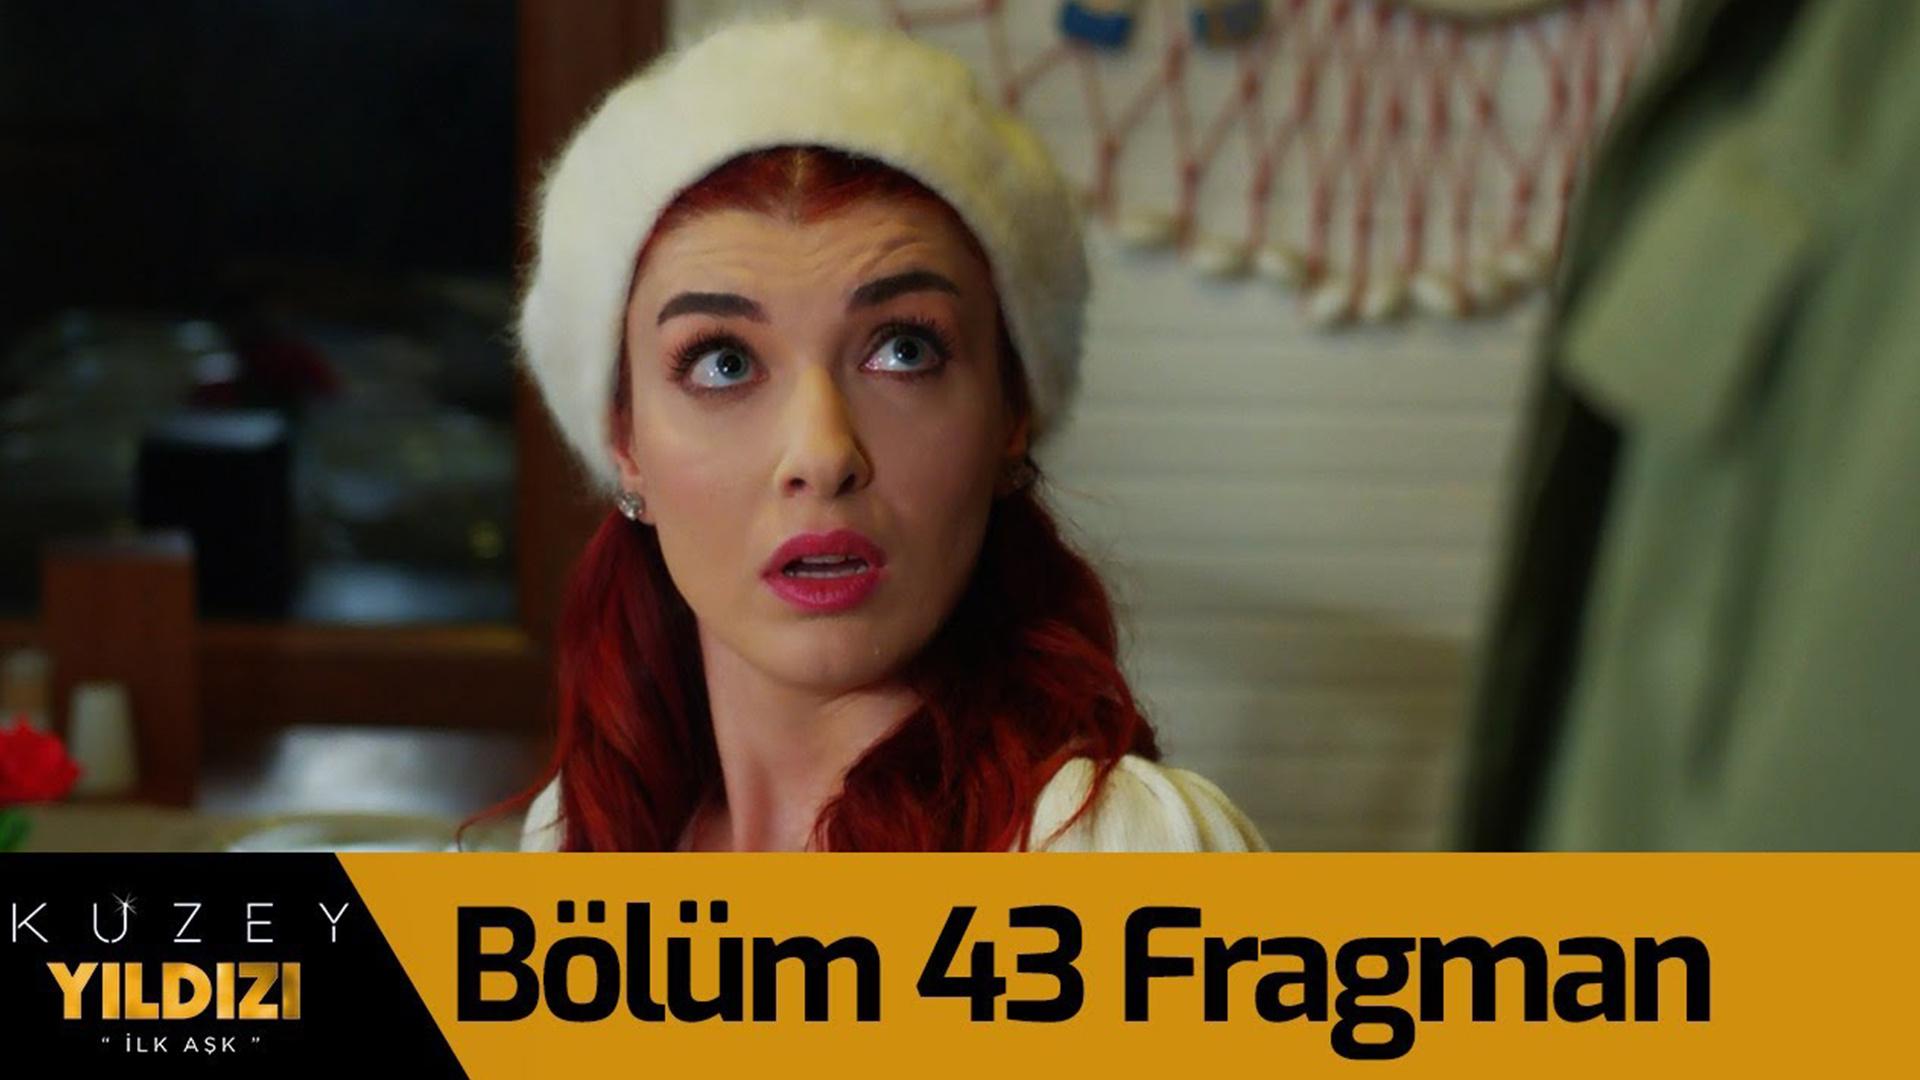 Kuzey Yıldızı İlk Aşk dizisi 43. Bölüm Fragmanı